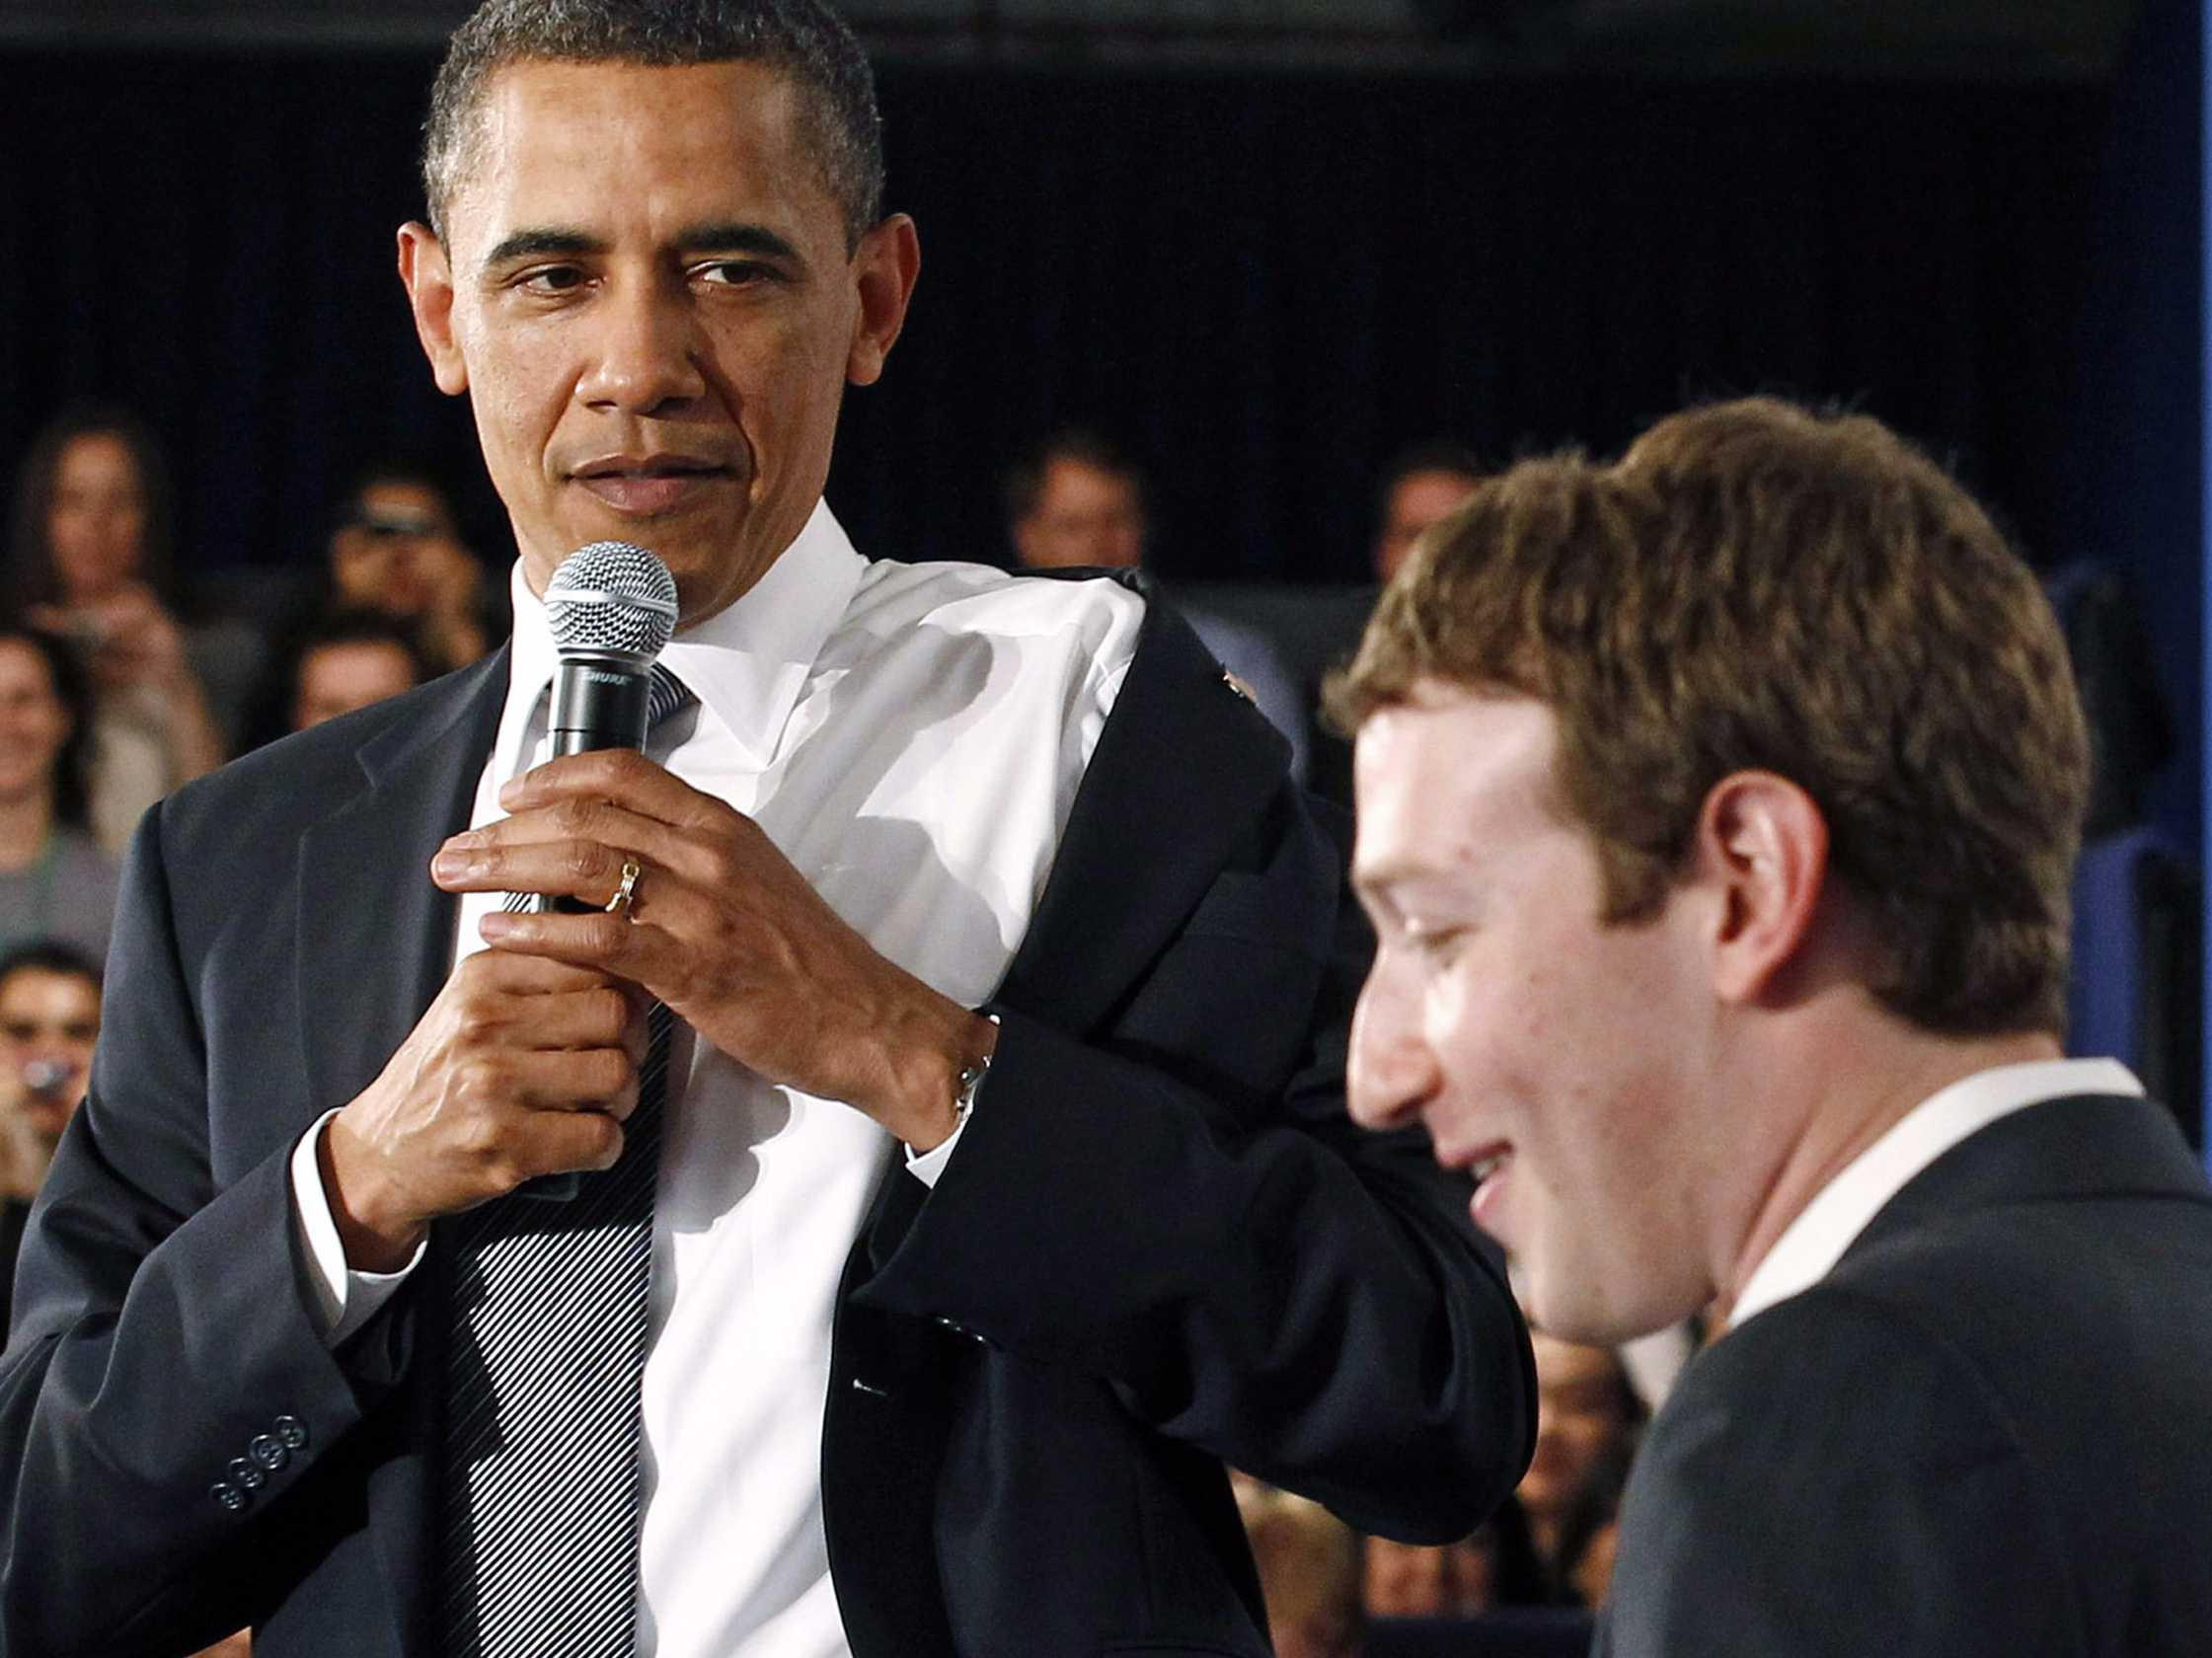 Obama in Zuckerberg oba pogosto nosita ista oblačila.